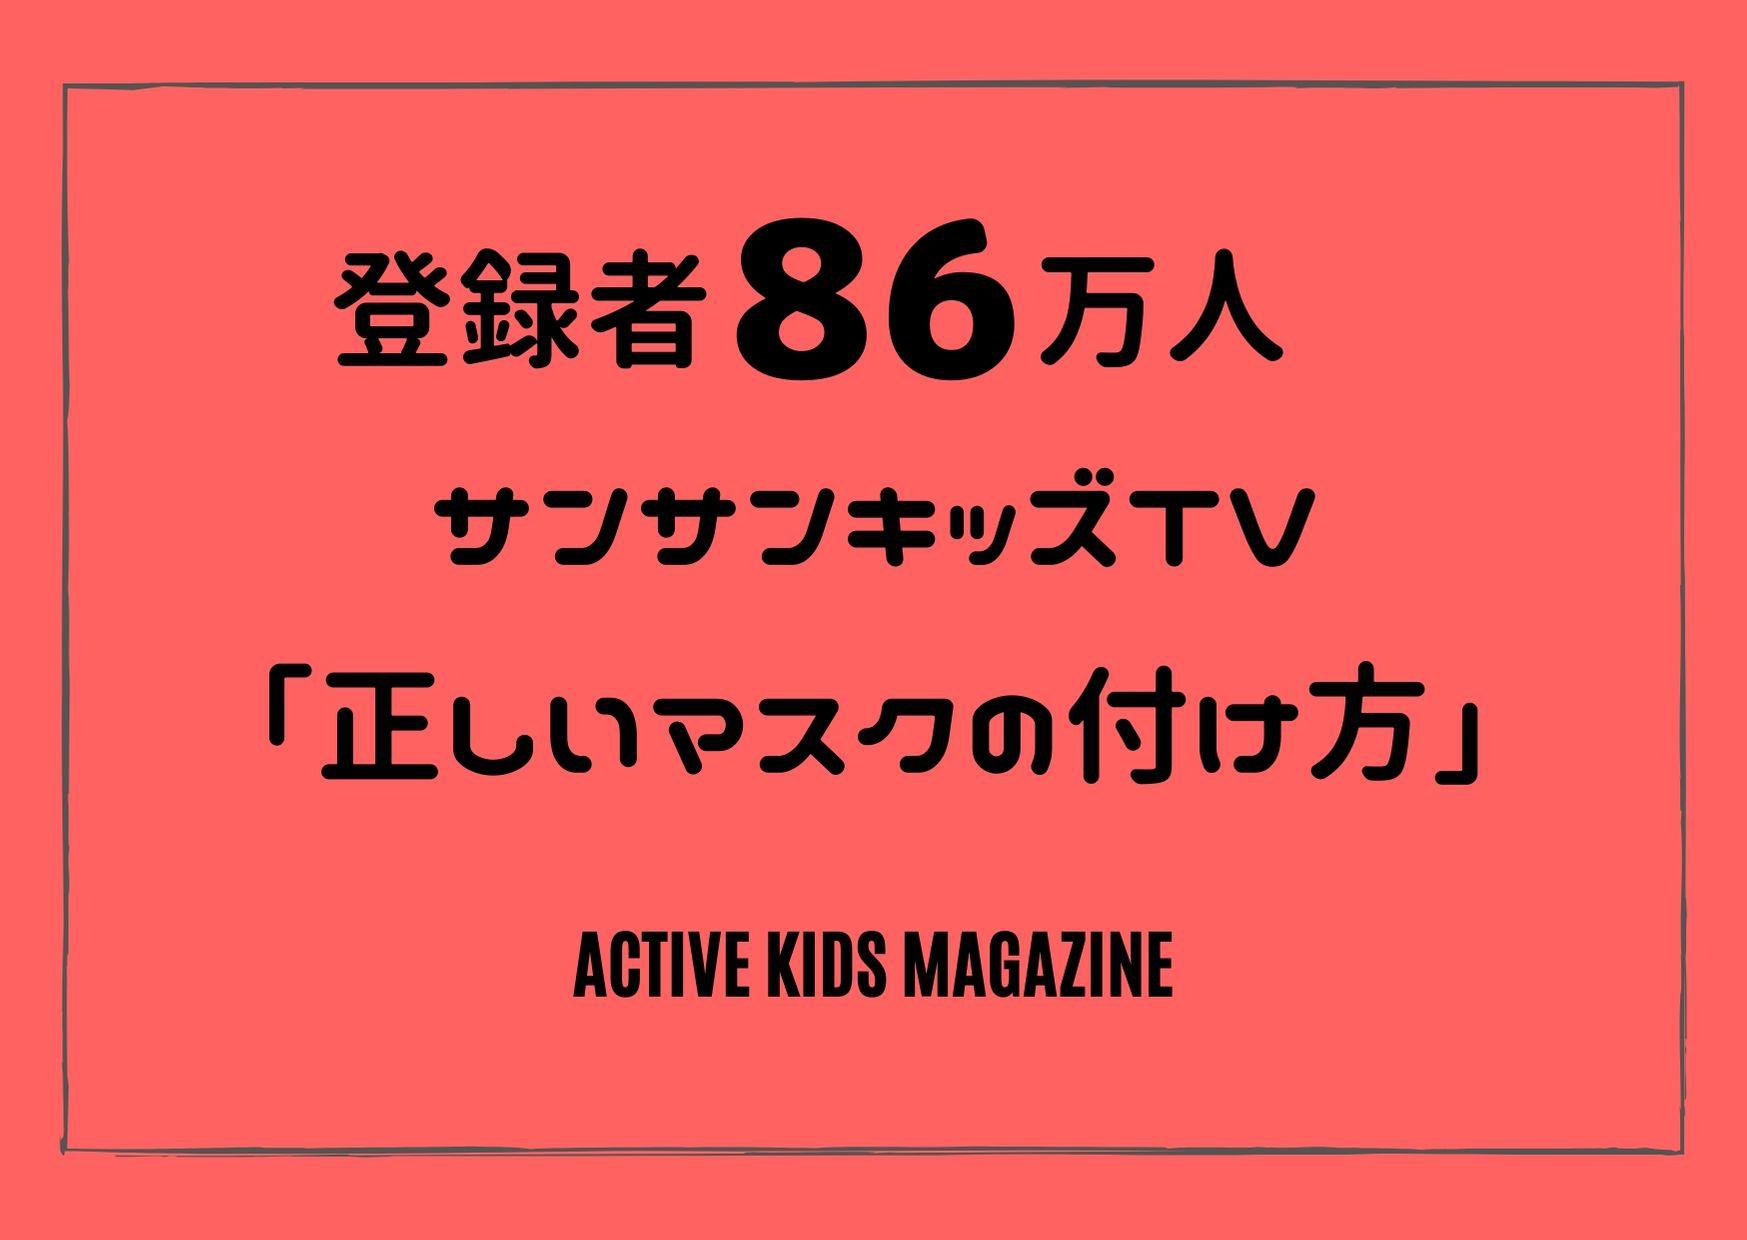 Tv サンサン キッズ